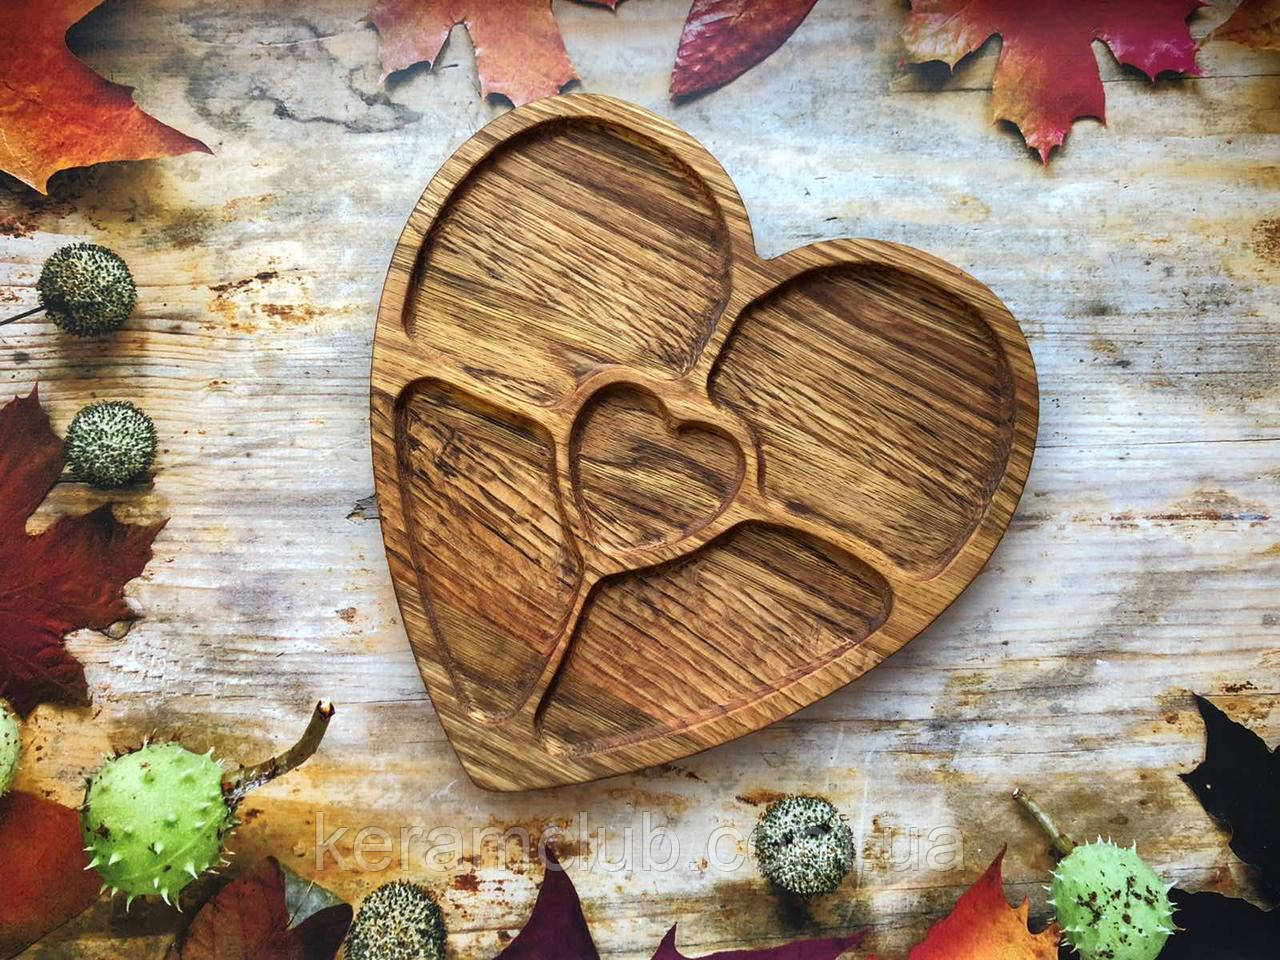 Дубовая менажница Керамклуб Сердце 25 см